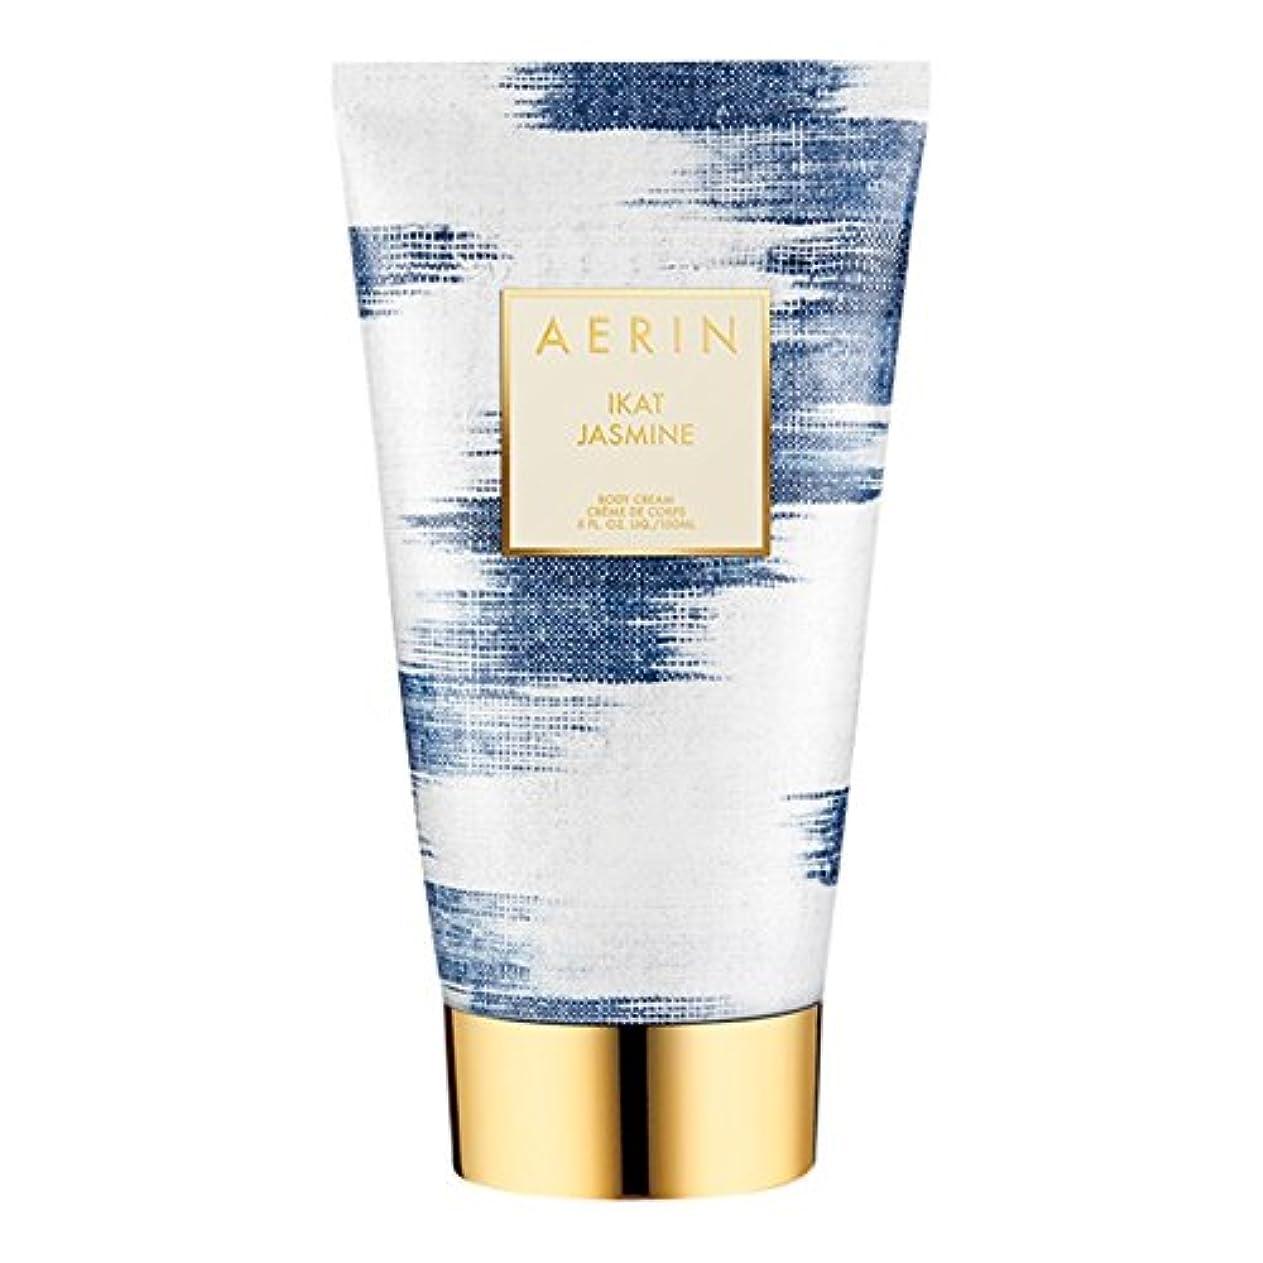 ドナーびん刺繍Aerinイカットジャスミンボディクリーム150ミリリットル (AERIN) - AERIN Ikat Jasmine Body Cream 150ml [並行輸入品]